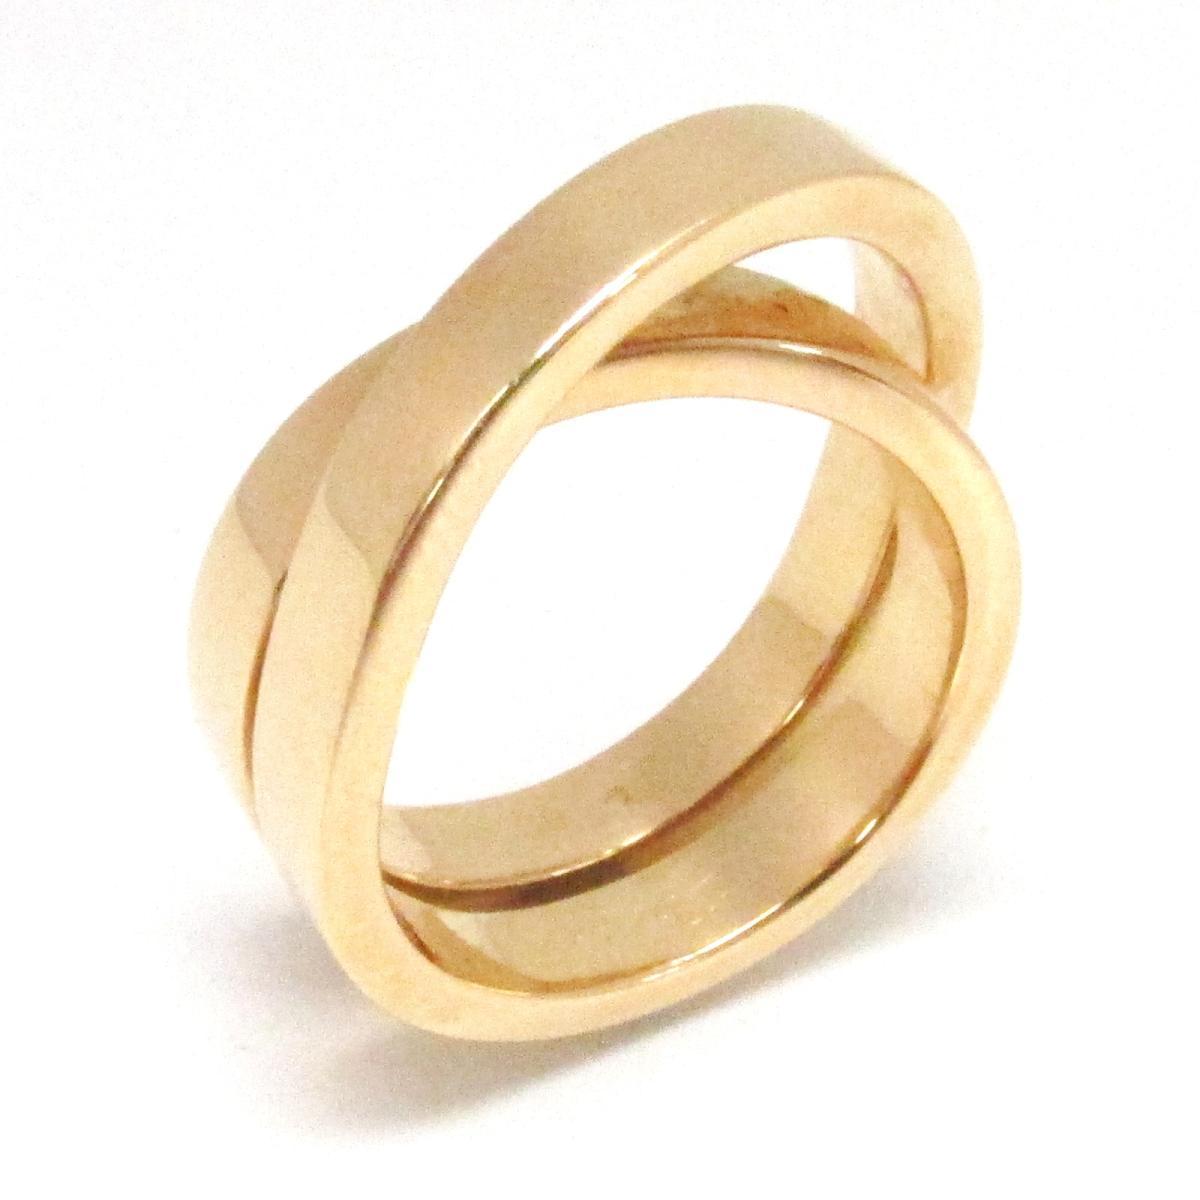 【中古】 カルティエ リング 指輪 レディース K18PG (750) ピンクゴールド | Cartier BRANDOFF ブランドオフ ブランド ジュエリー アクセサリー